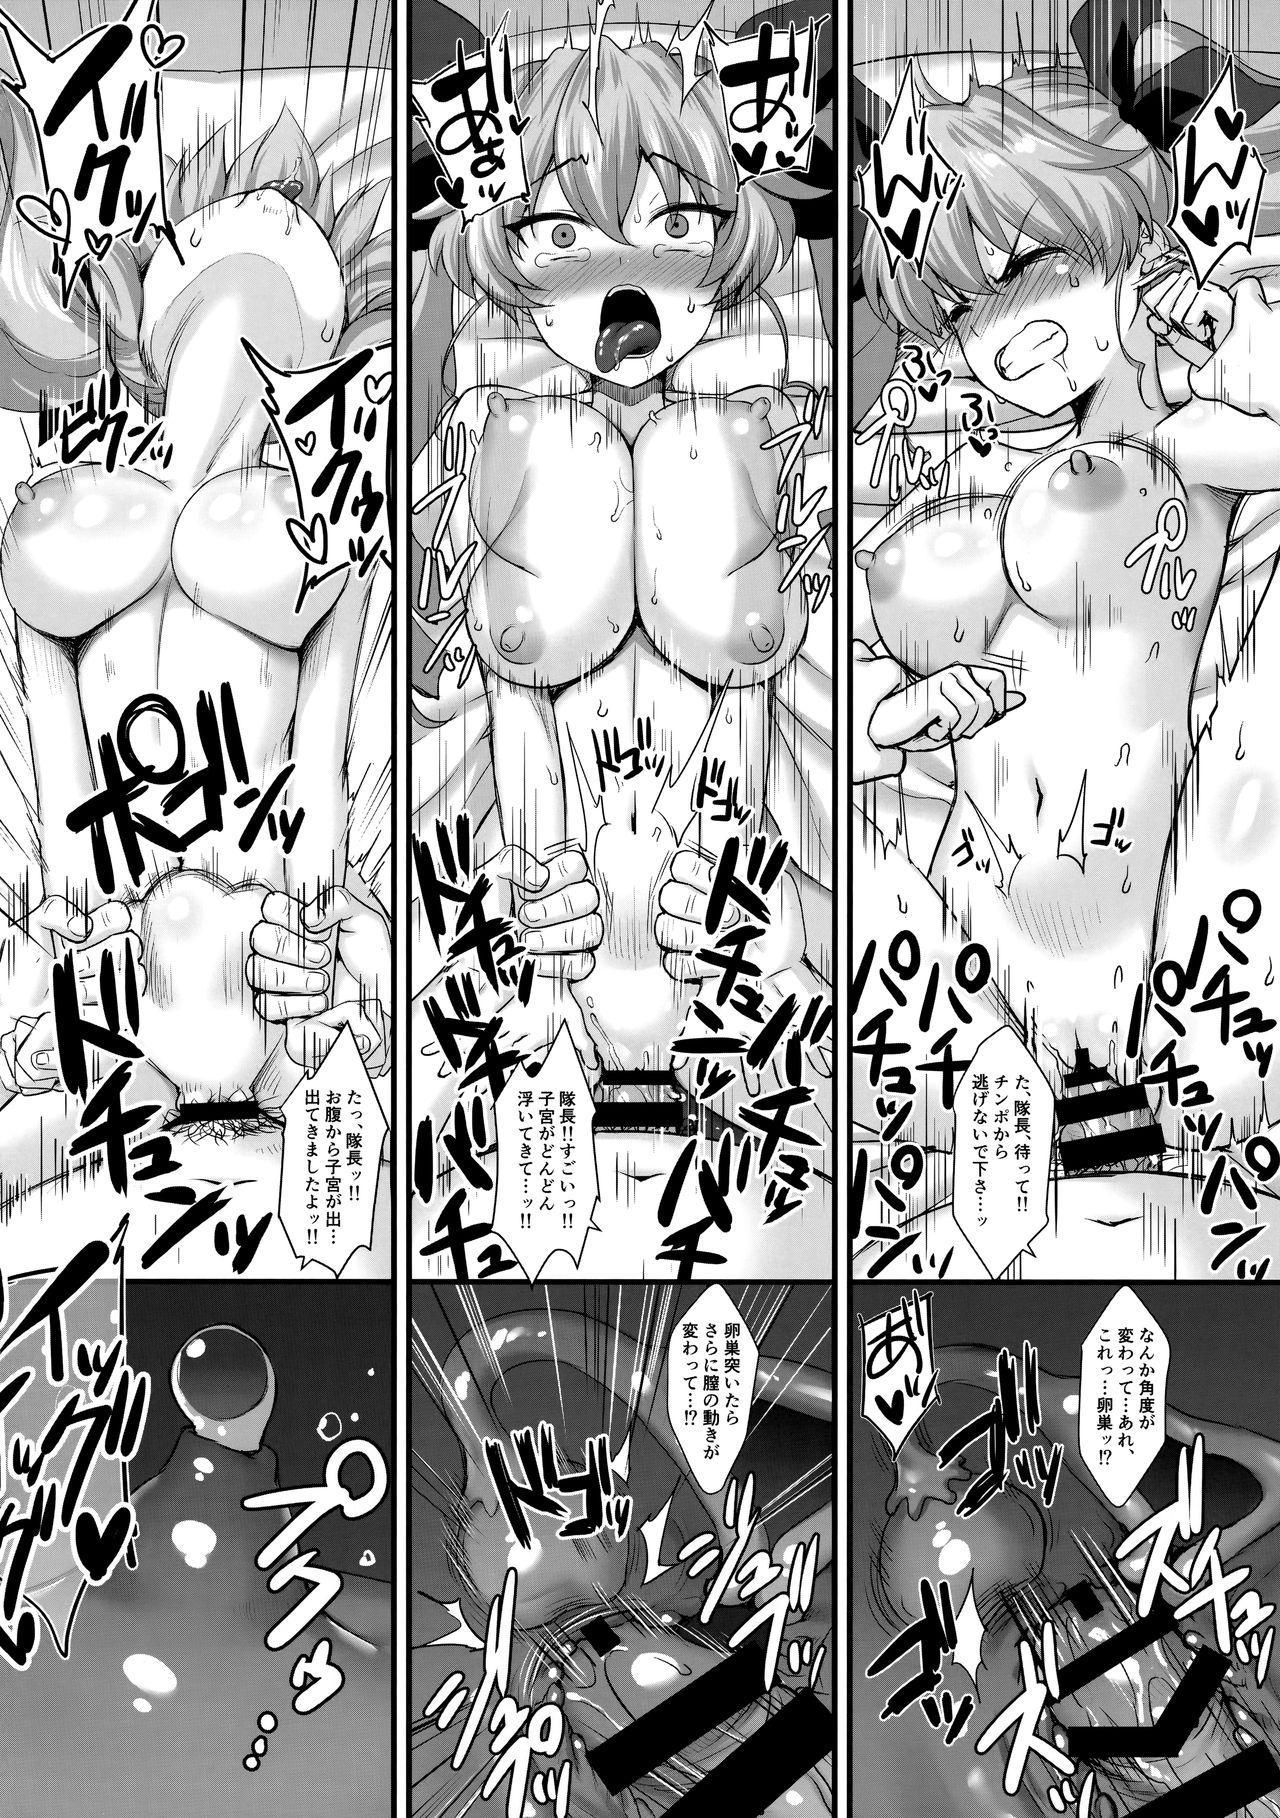 Chovy-chan to Boku no Ninshin Katsudou 13